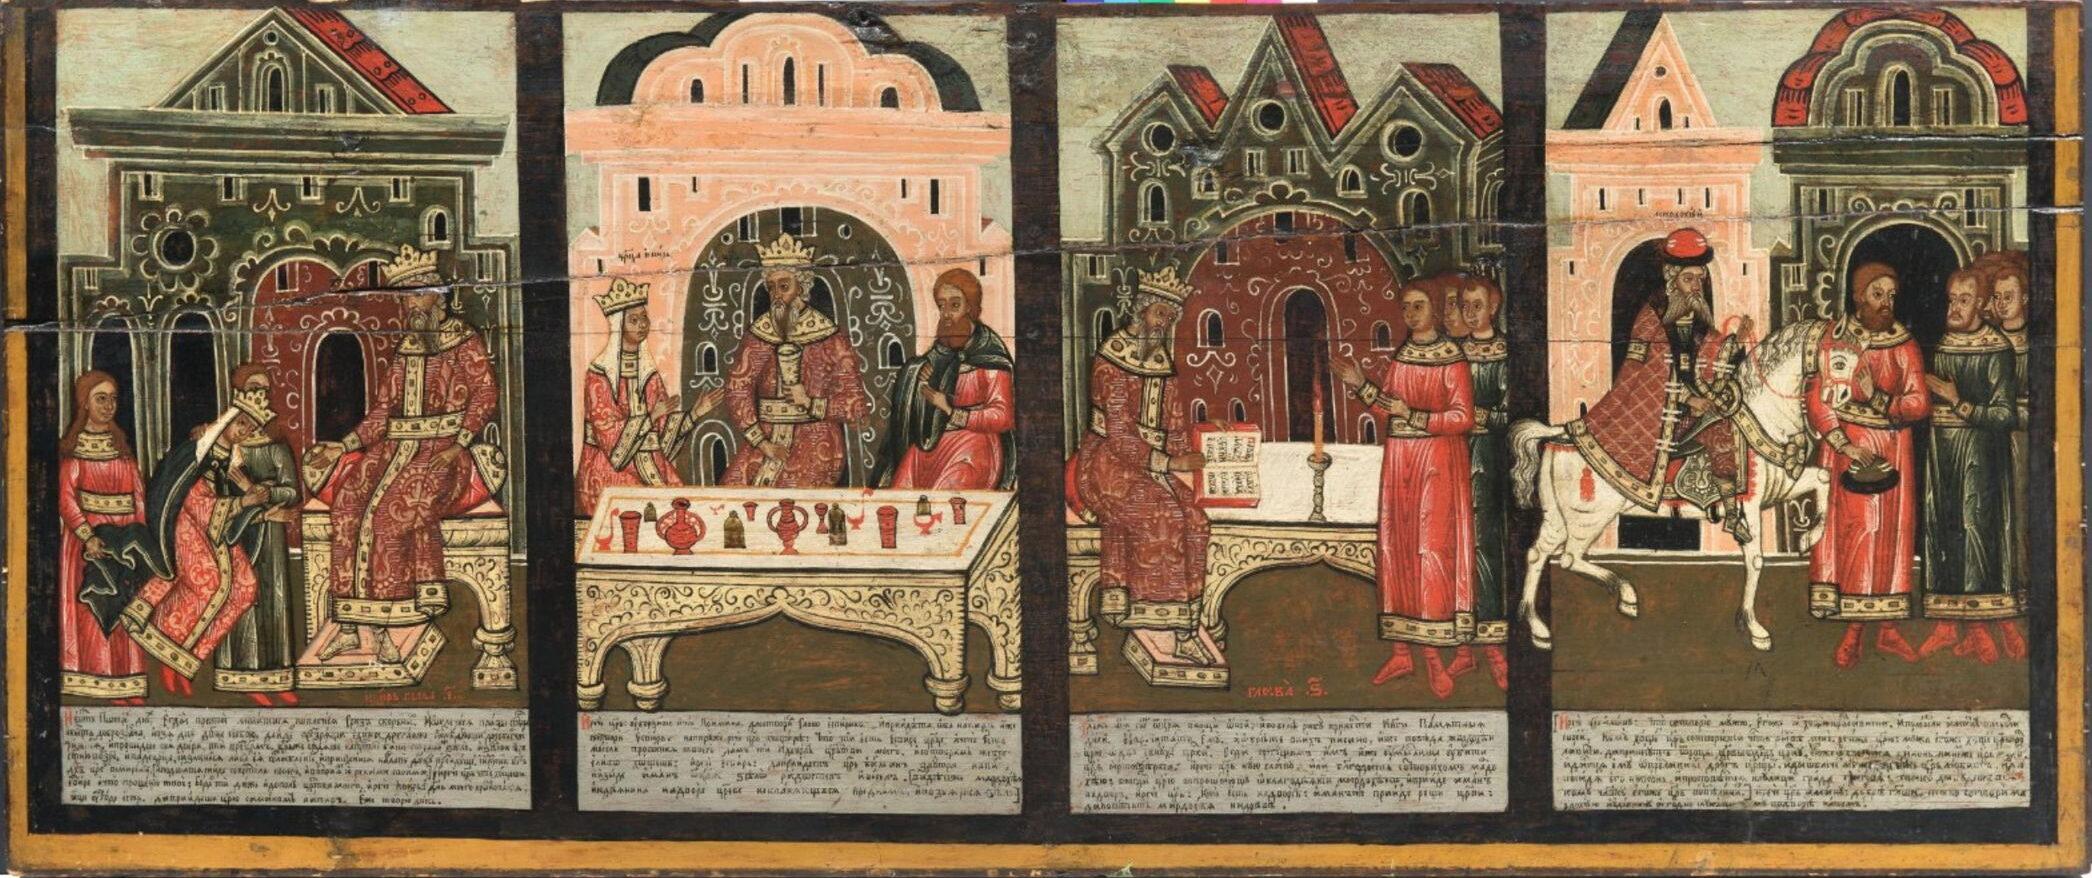 Четыре библейских сцены. XVIII в. Русский Север. XVII в. Дерево, грунт, темпера Размер: 53,9×130,8 см